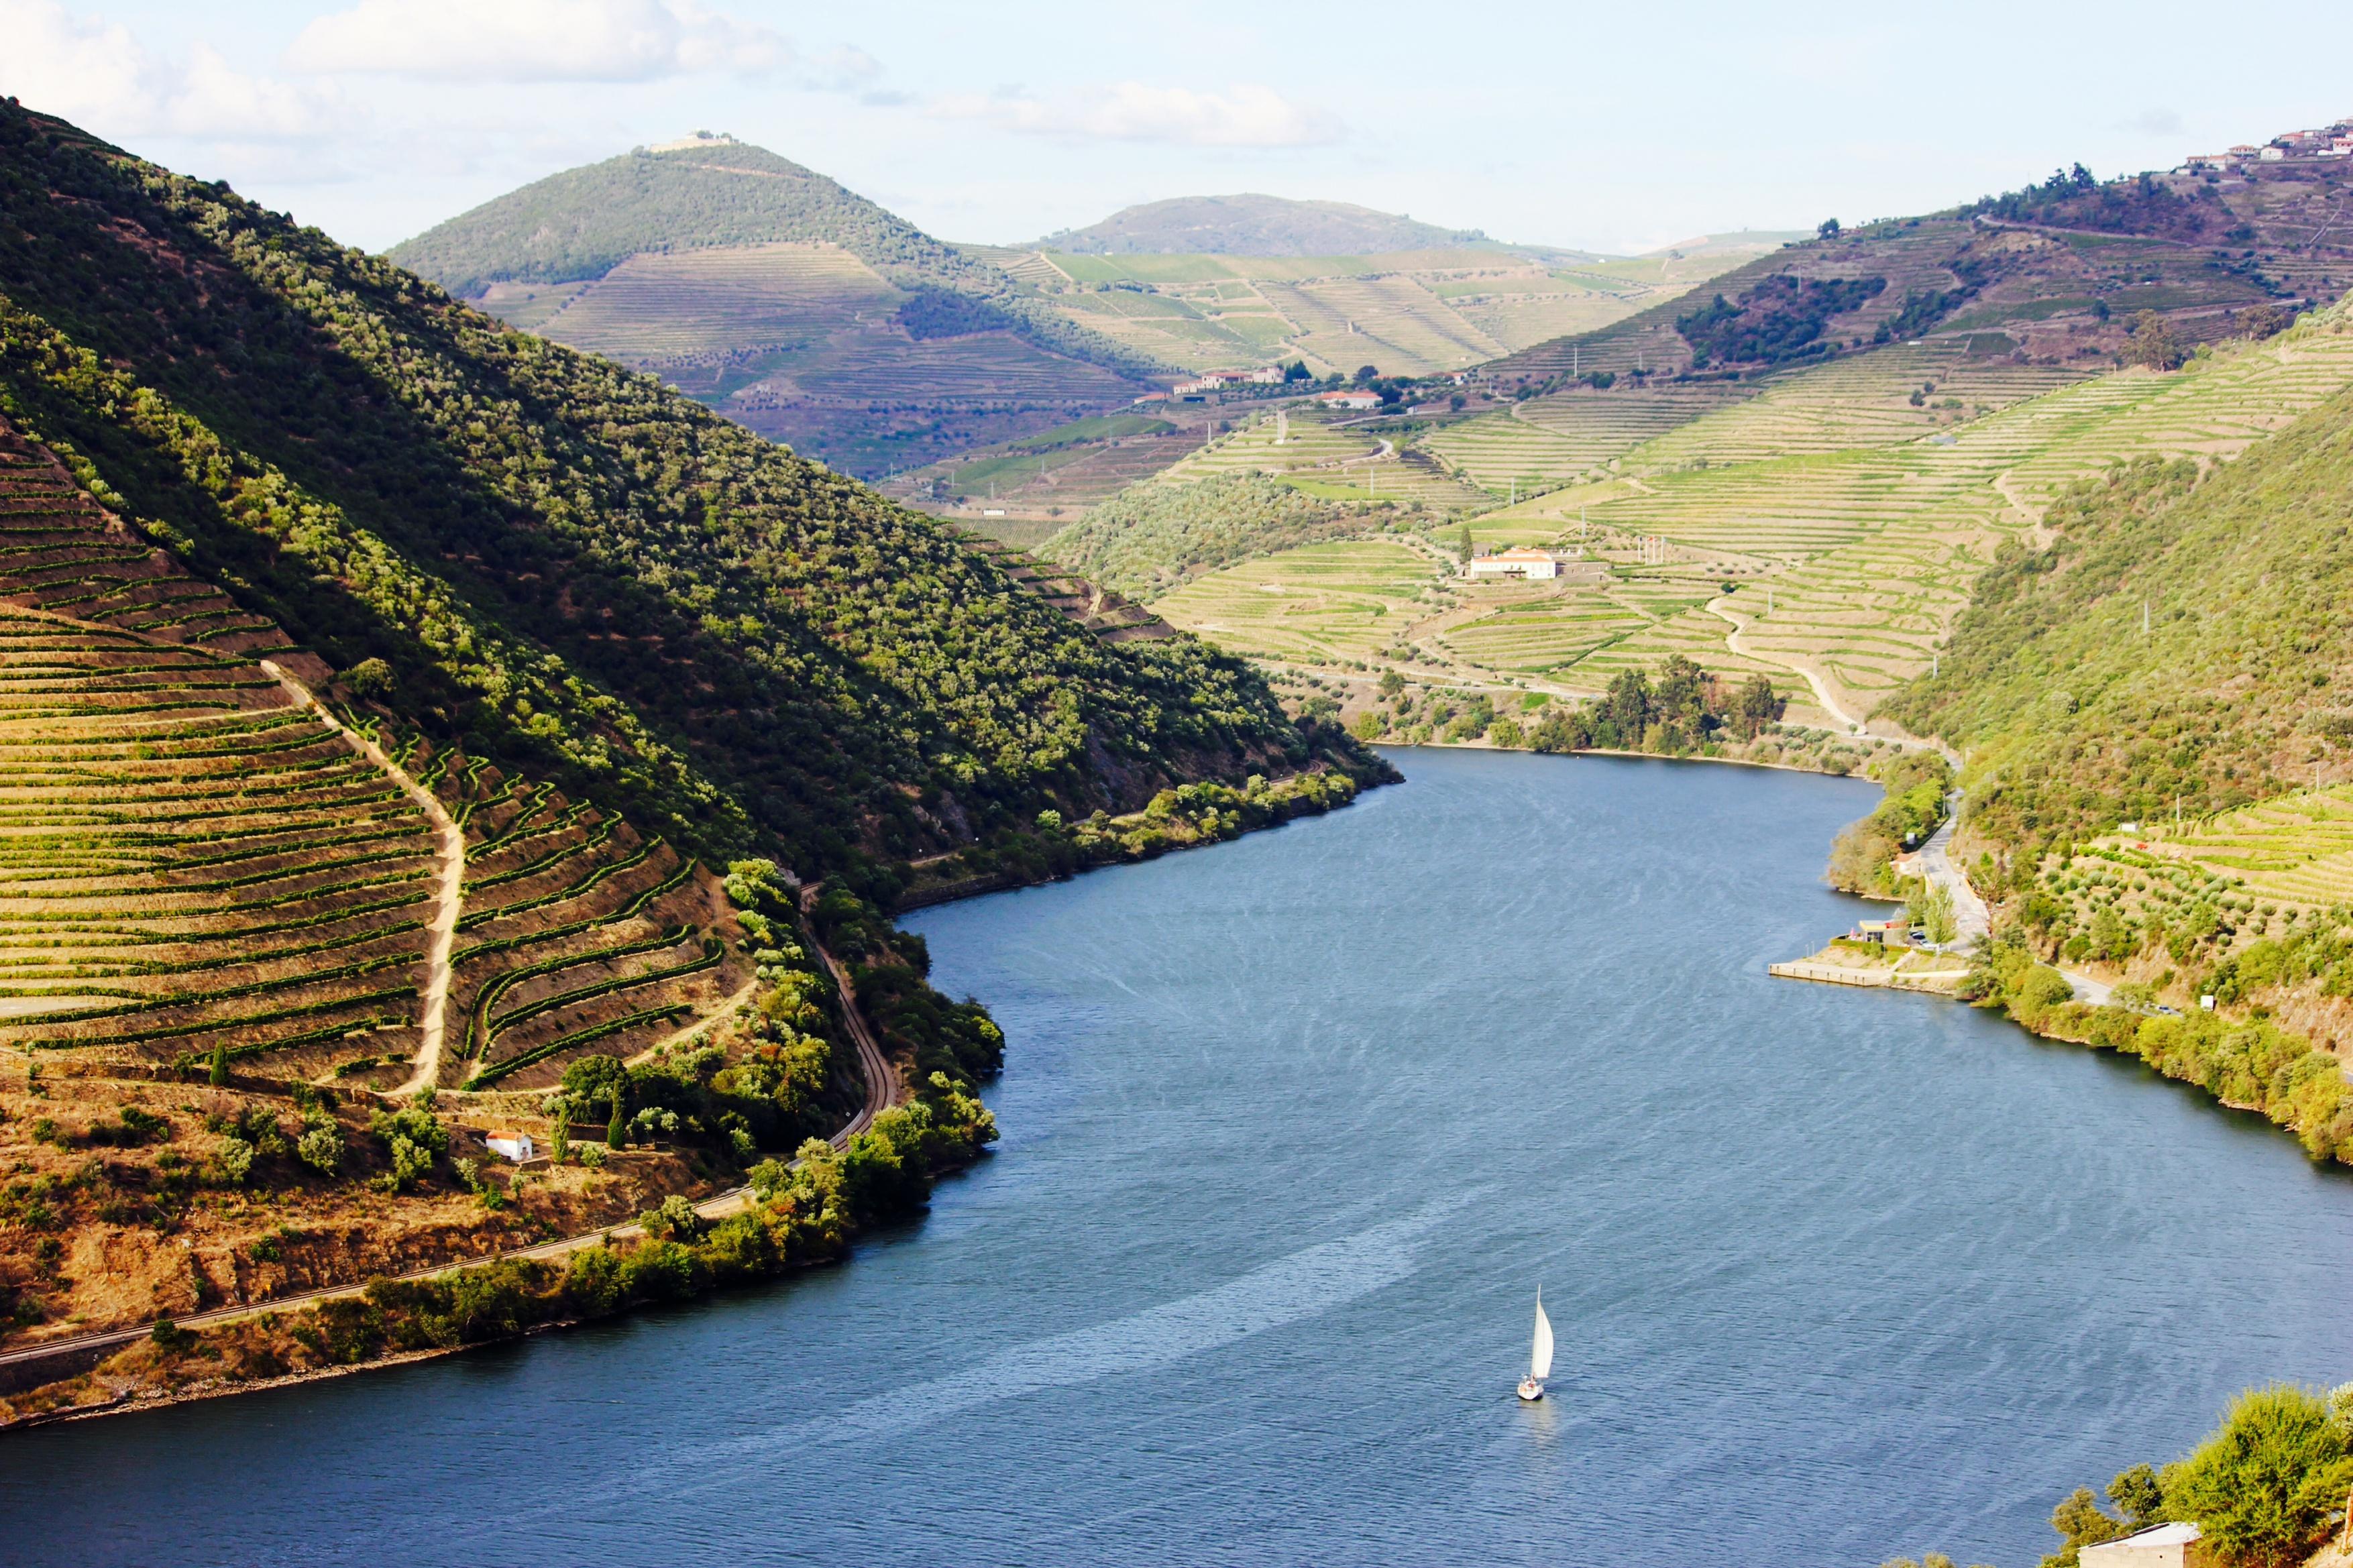 Sailing_through_Douro_River_[6104-A4]